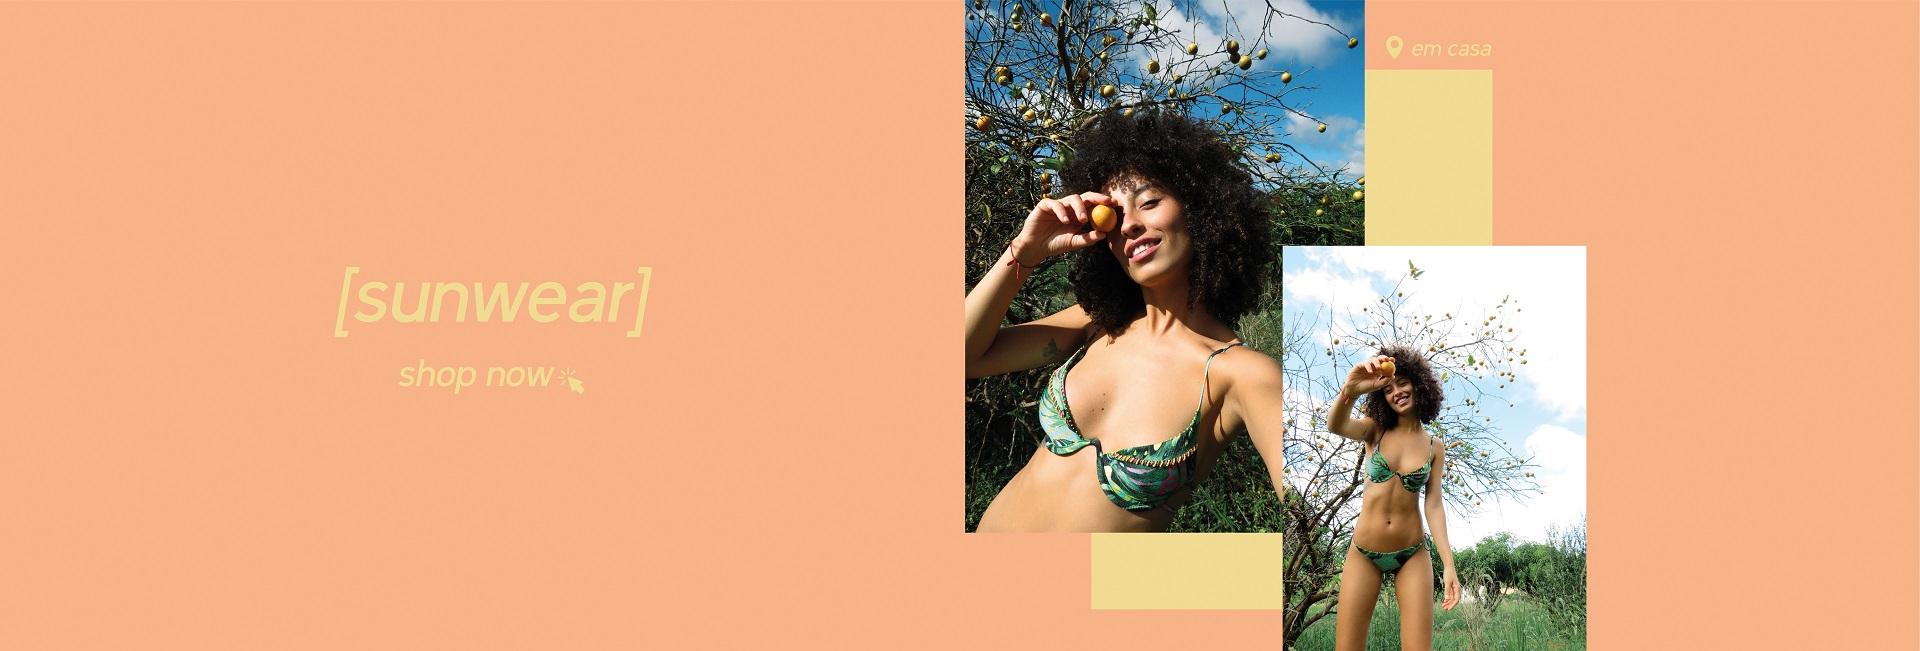 banner-sunwear-1